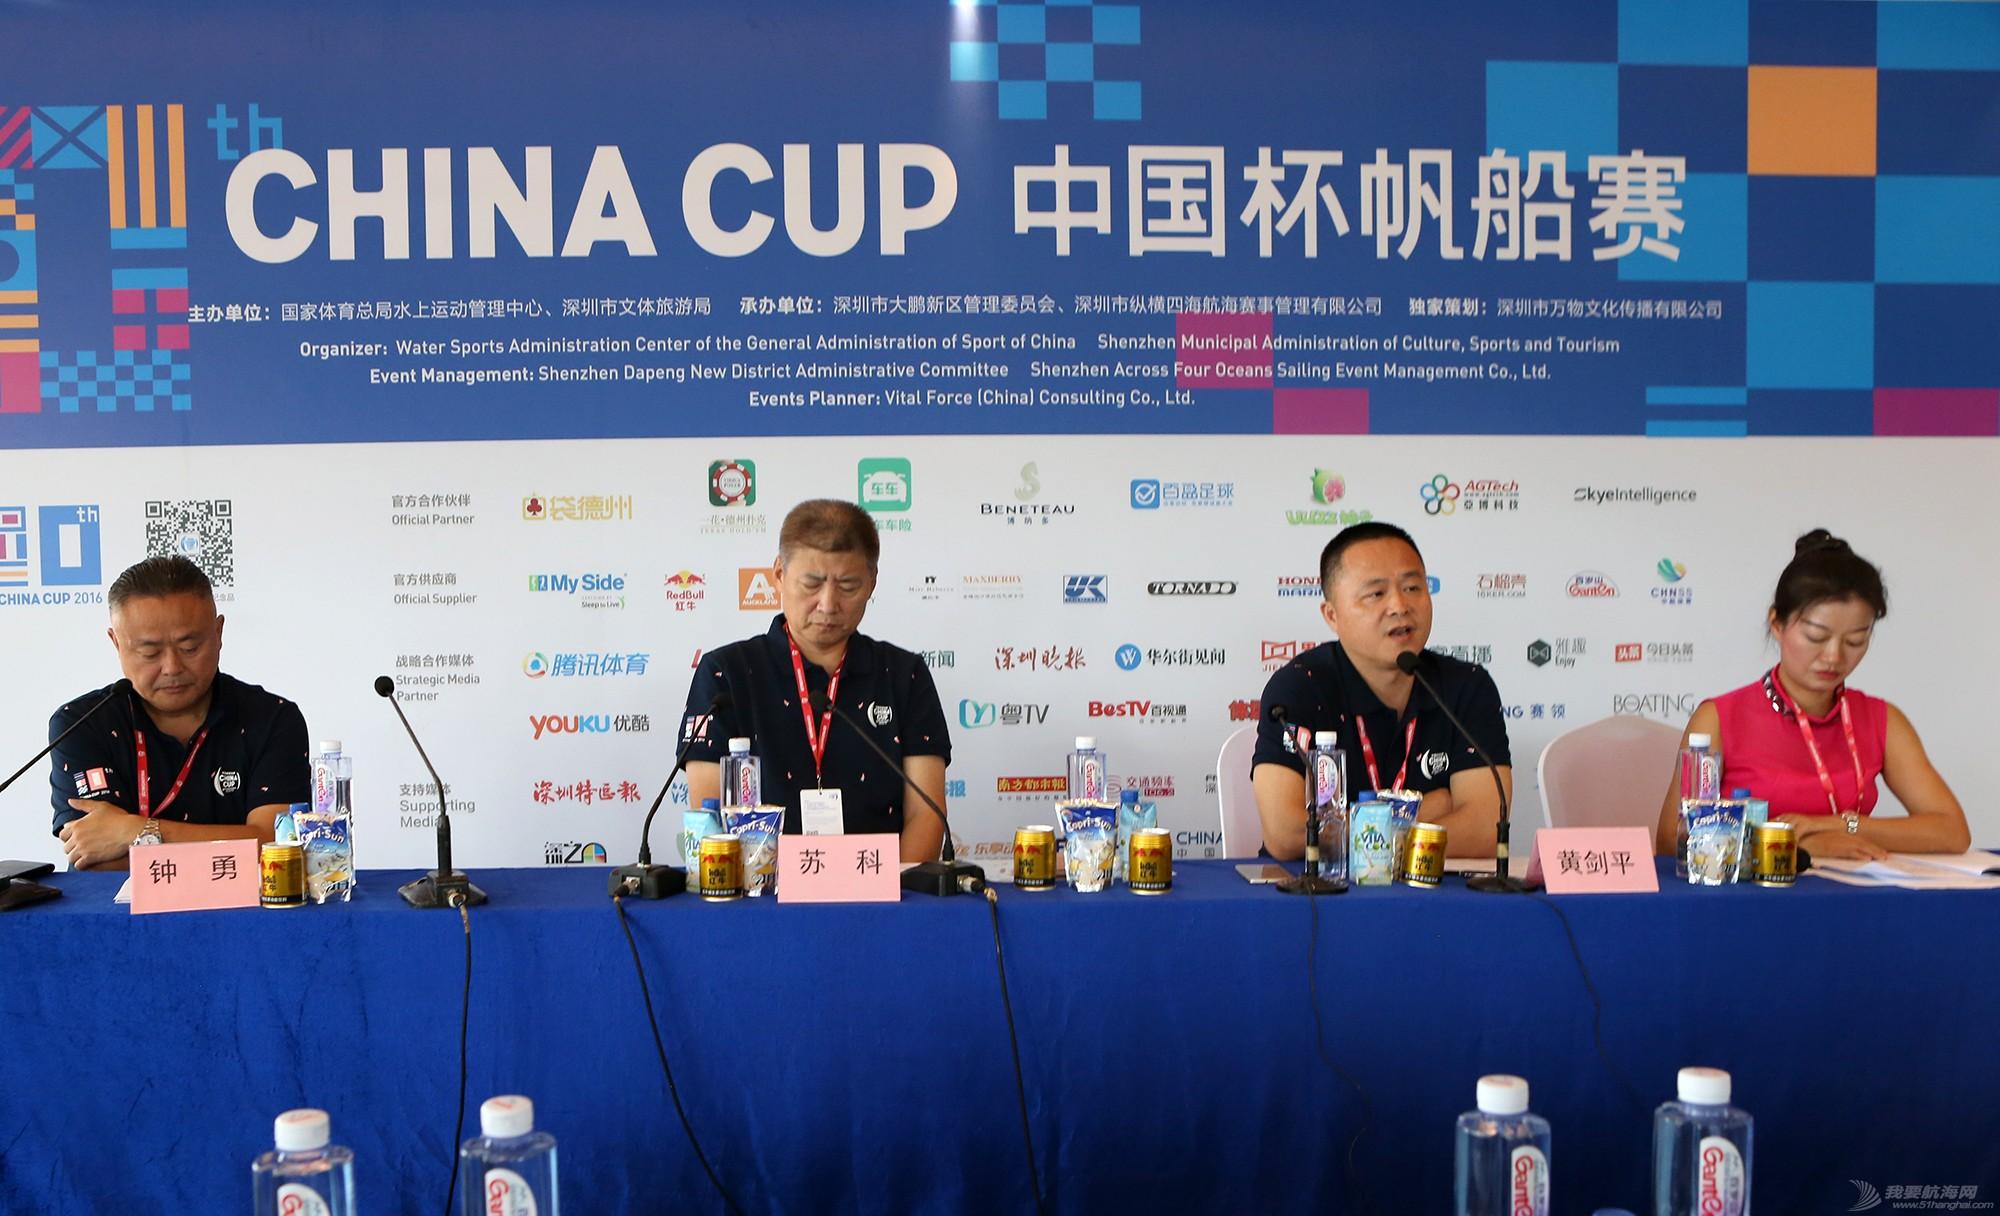 新闻发布会,中国 中国杯帆船赛新闻发布会现场,钟勇、苏科接受我要航海网采访 5V8A5480.JPG